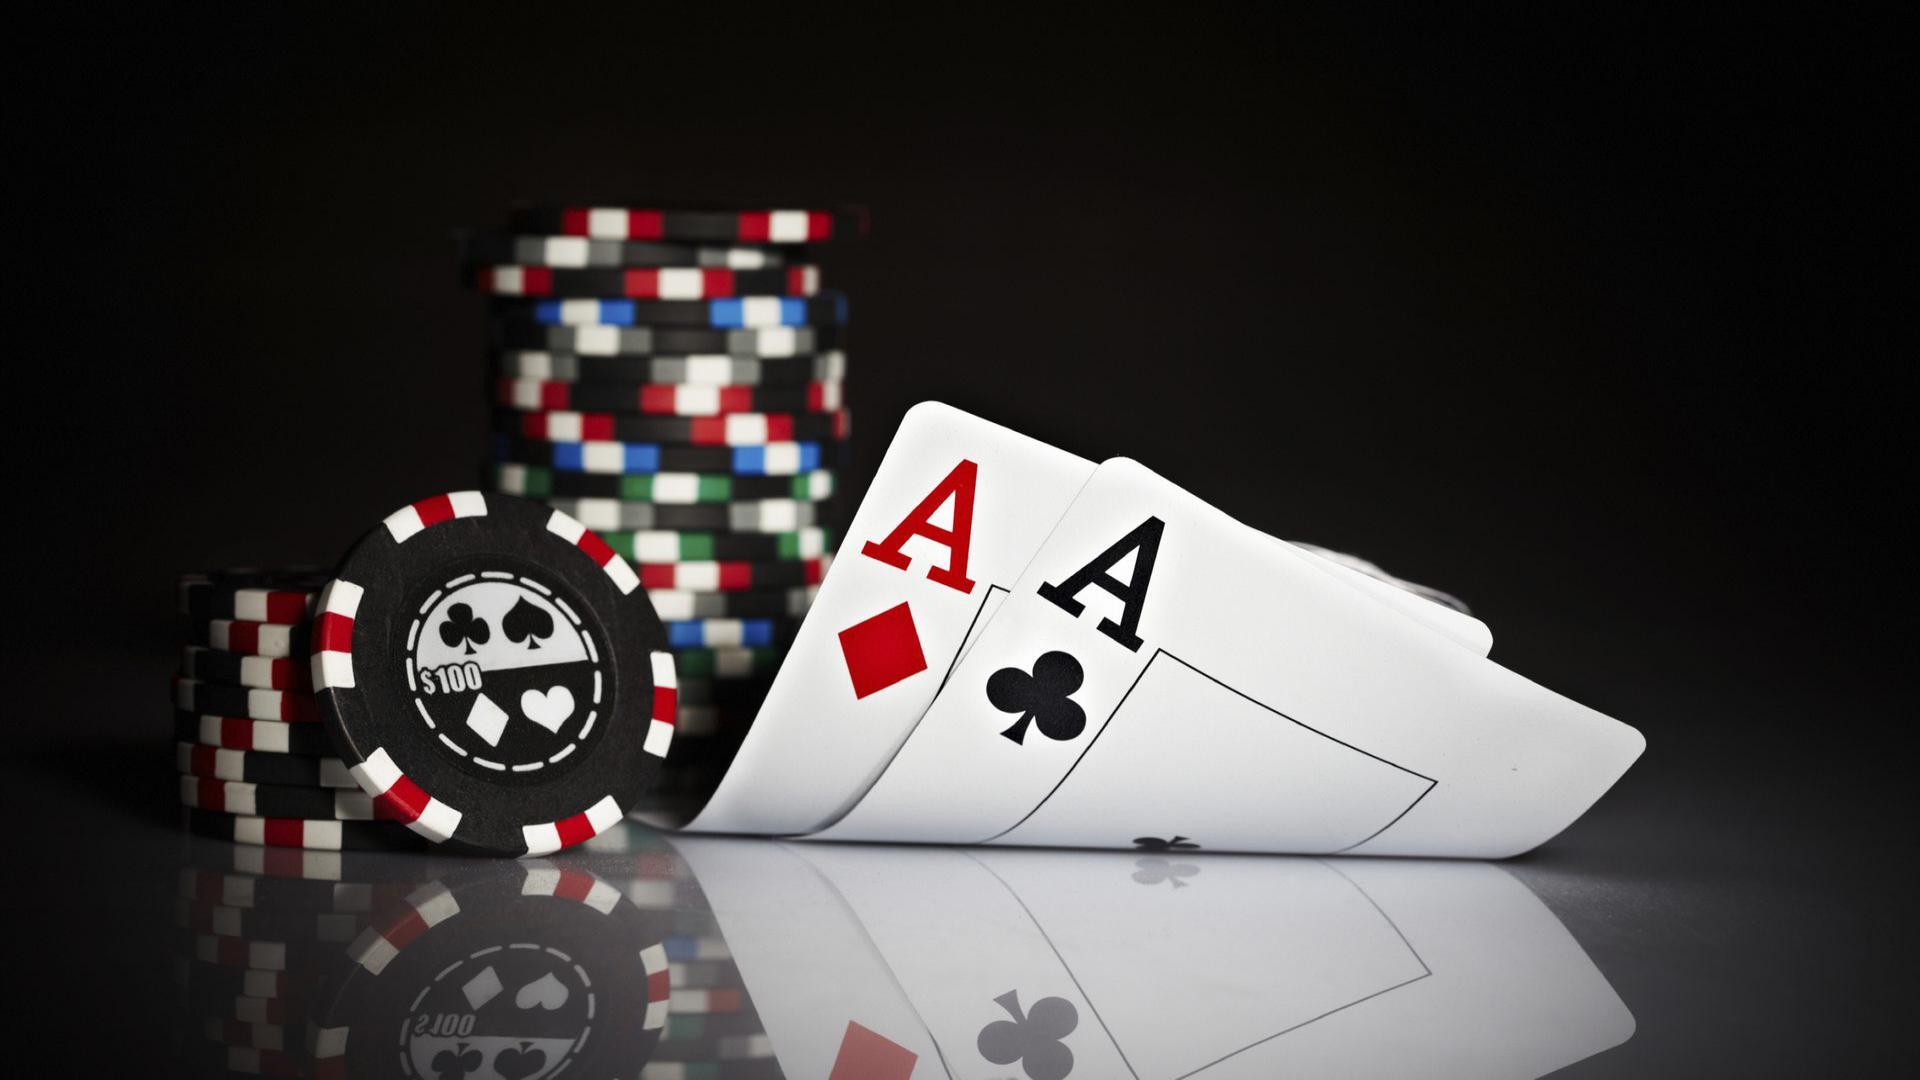 ギャンブルでバンクロールを管理する方法